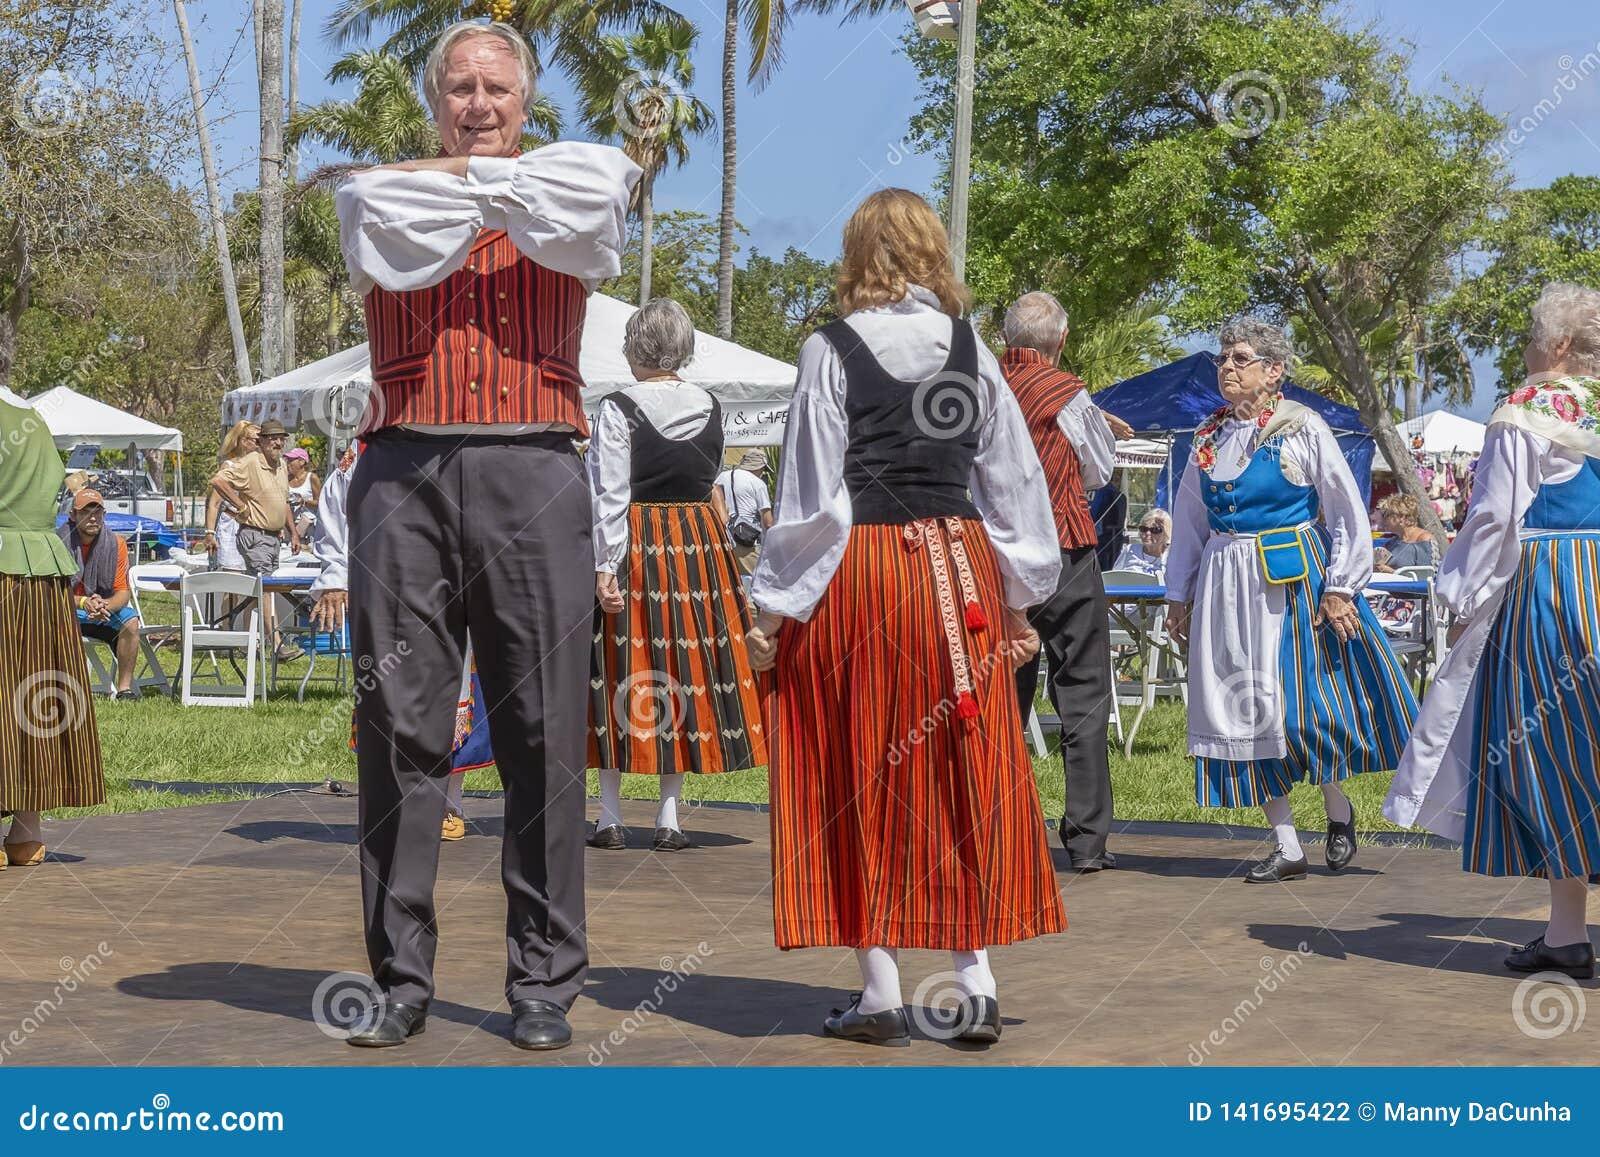 Стоимость озера, Флорида, фестиваль США 3-ье марта 2019 полуночного Солнца празднуя финскую культуру